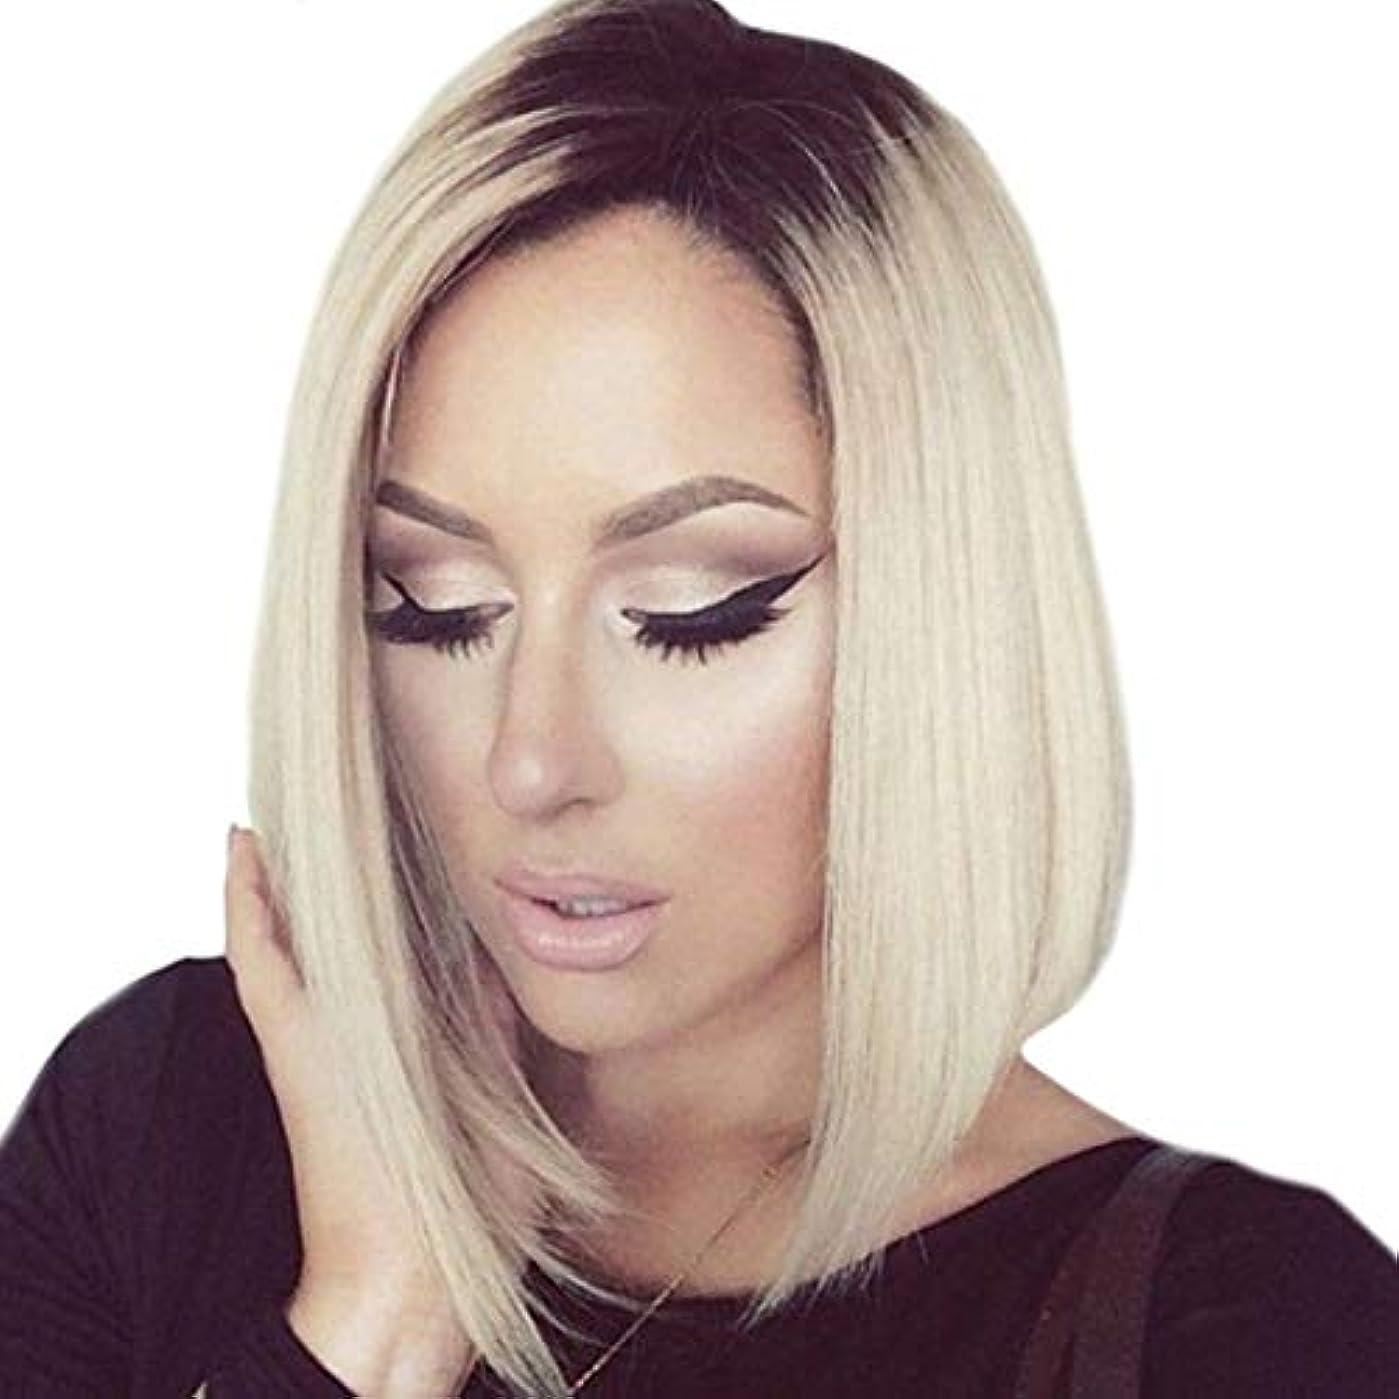 自体ピース馬鹿げたSummerys 女性のためのミディアムロングストレートヘアショルダーグラデーションカラーウィッグヘッドギア